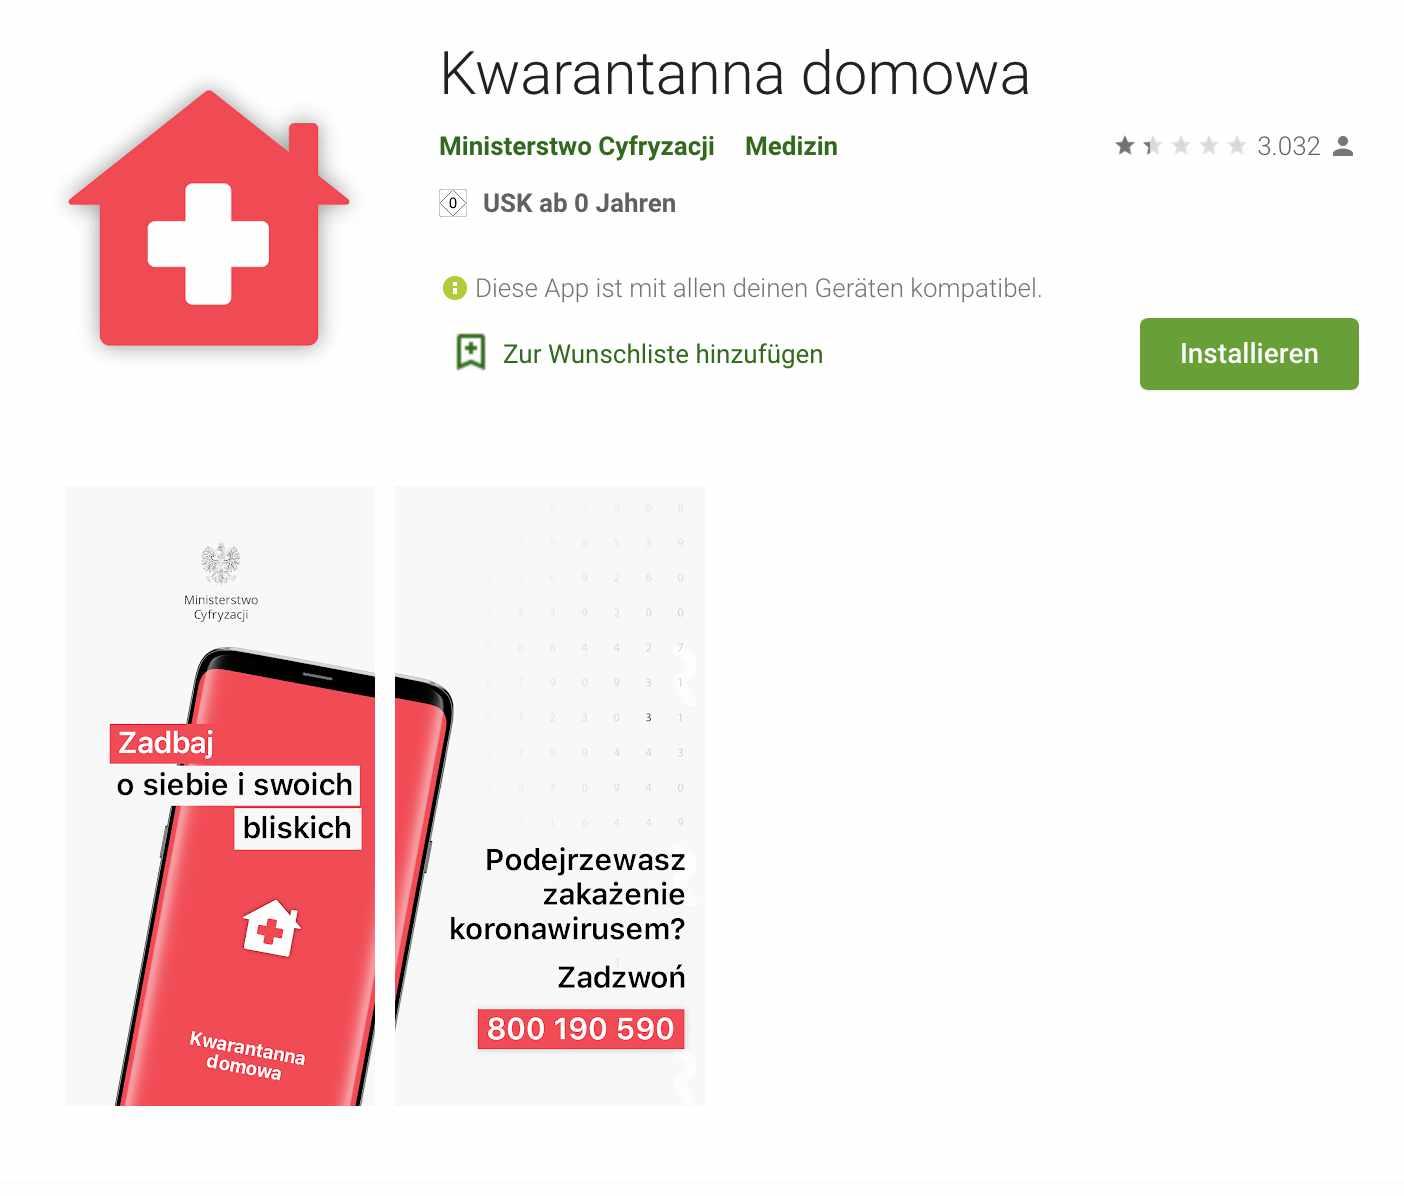 Bildschirmfoto Quarantäne-App im Play Store von Google